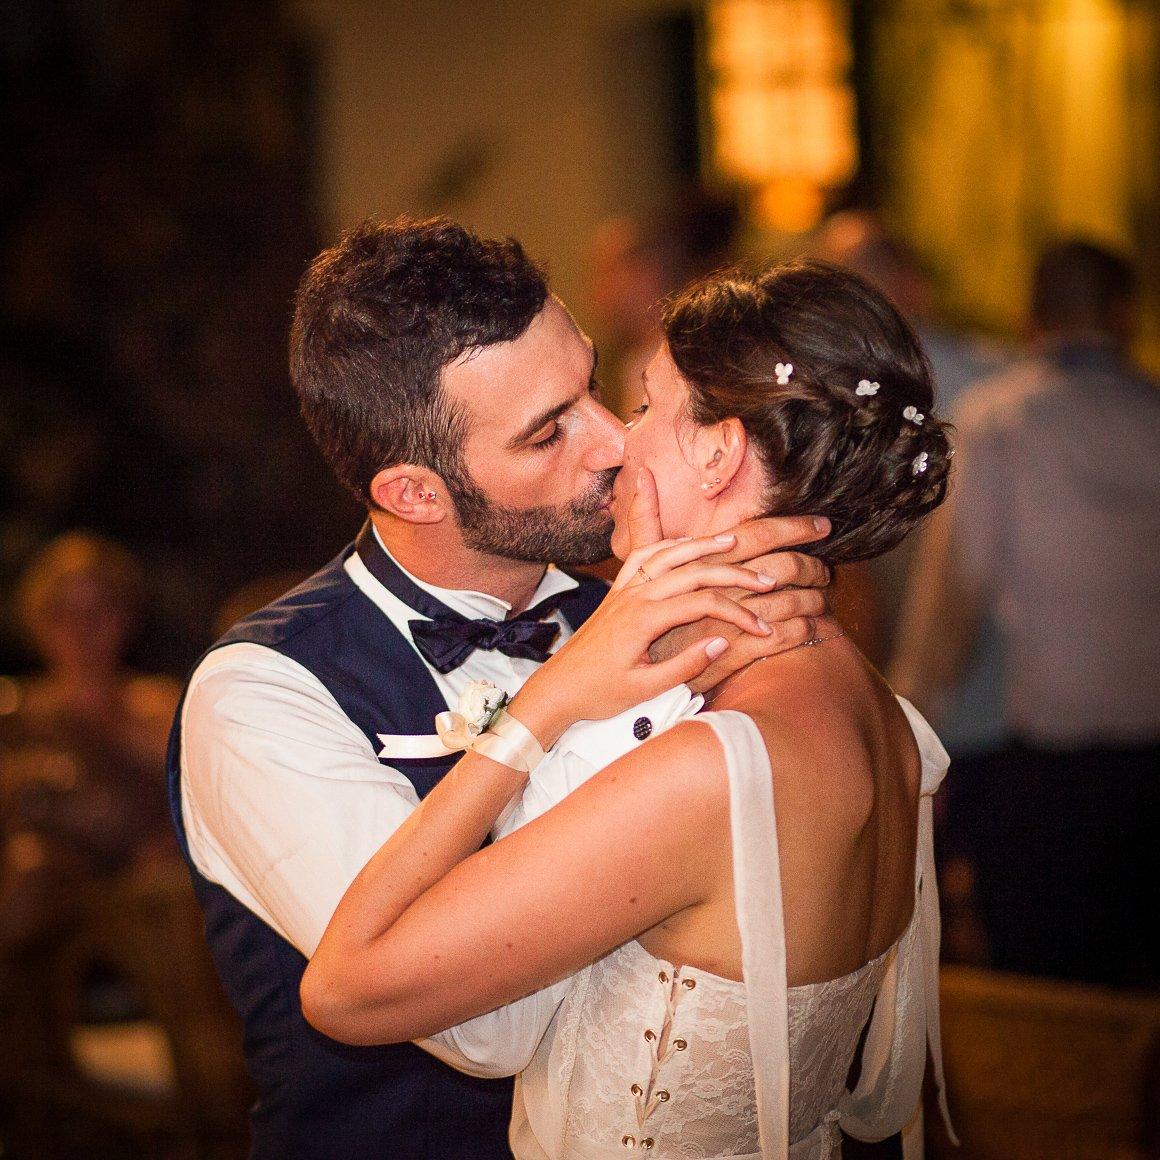 Servizio fotografico di matrimonio. Bacio degli sposi